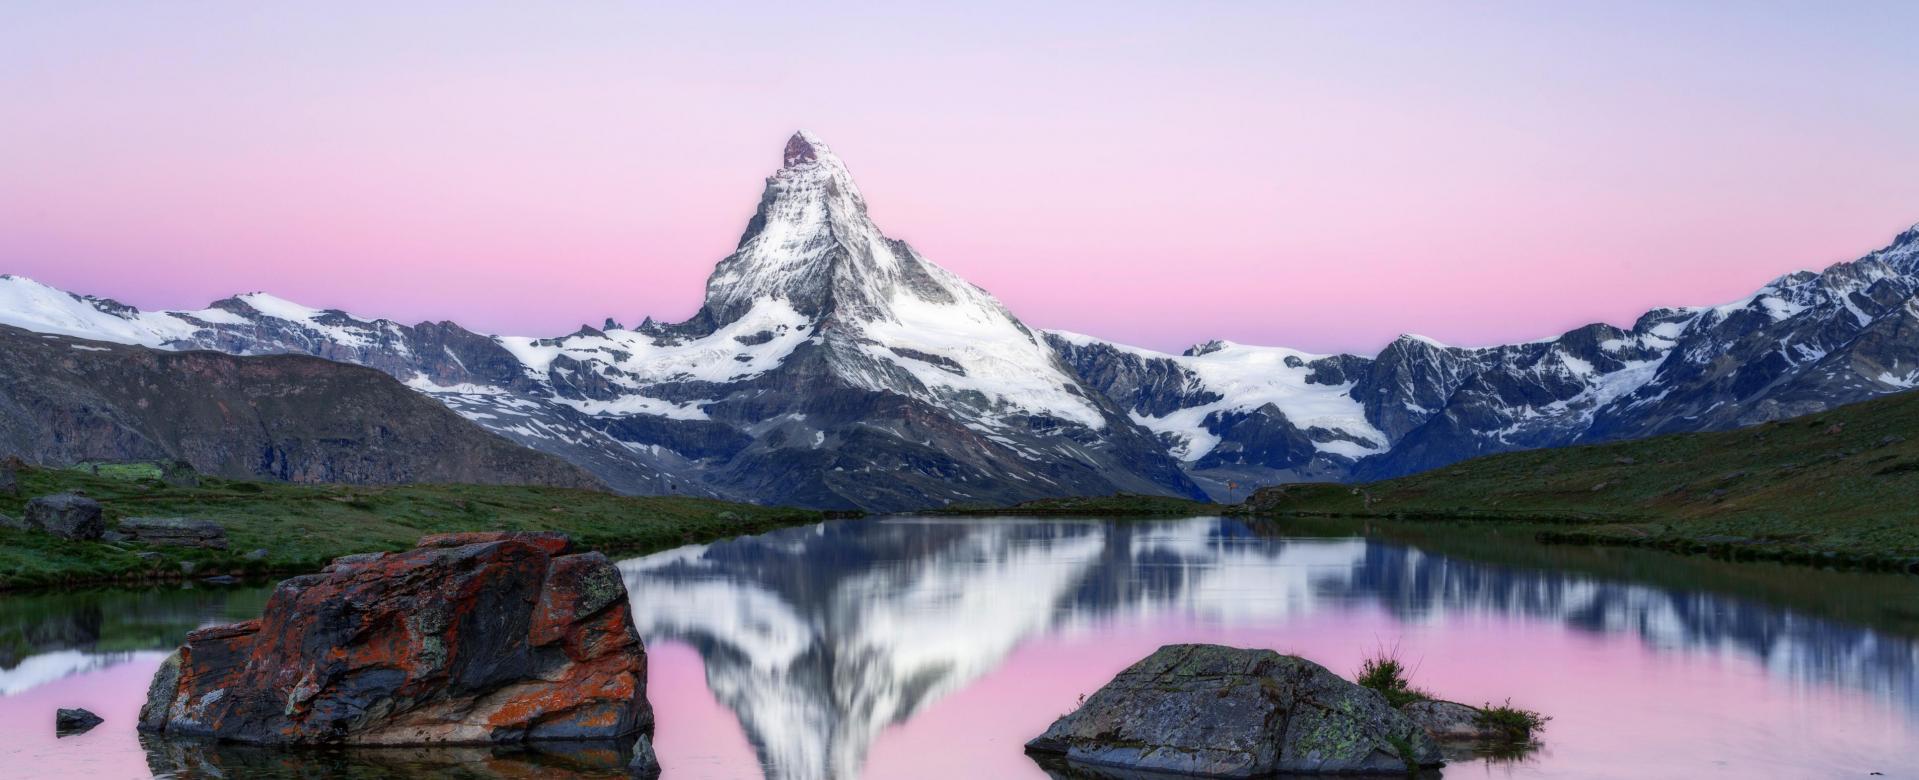 Voyage à pied Suisse : De chamonix à zermatt 6 jours